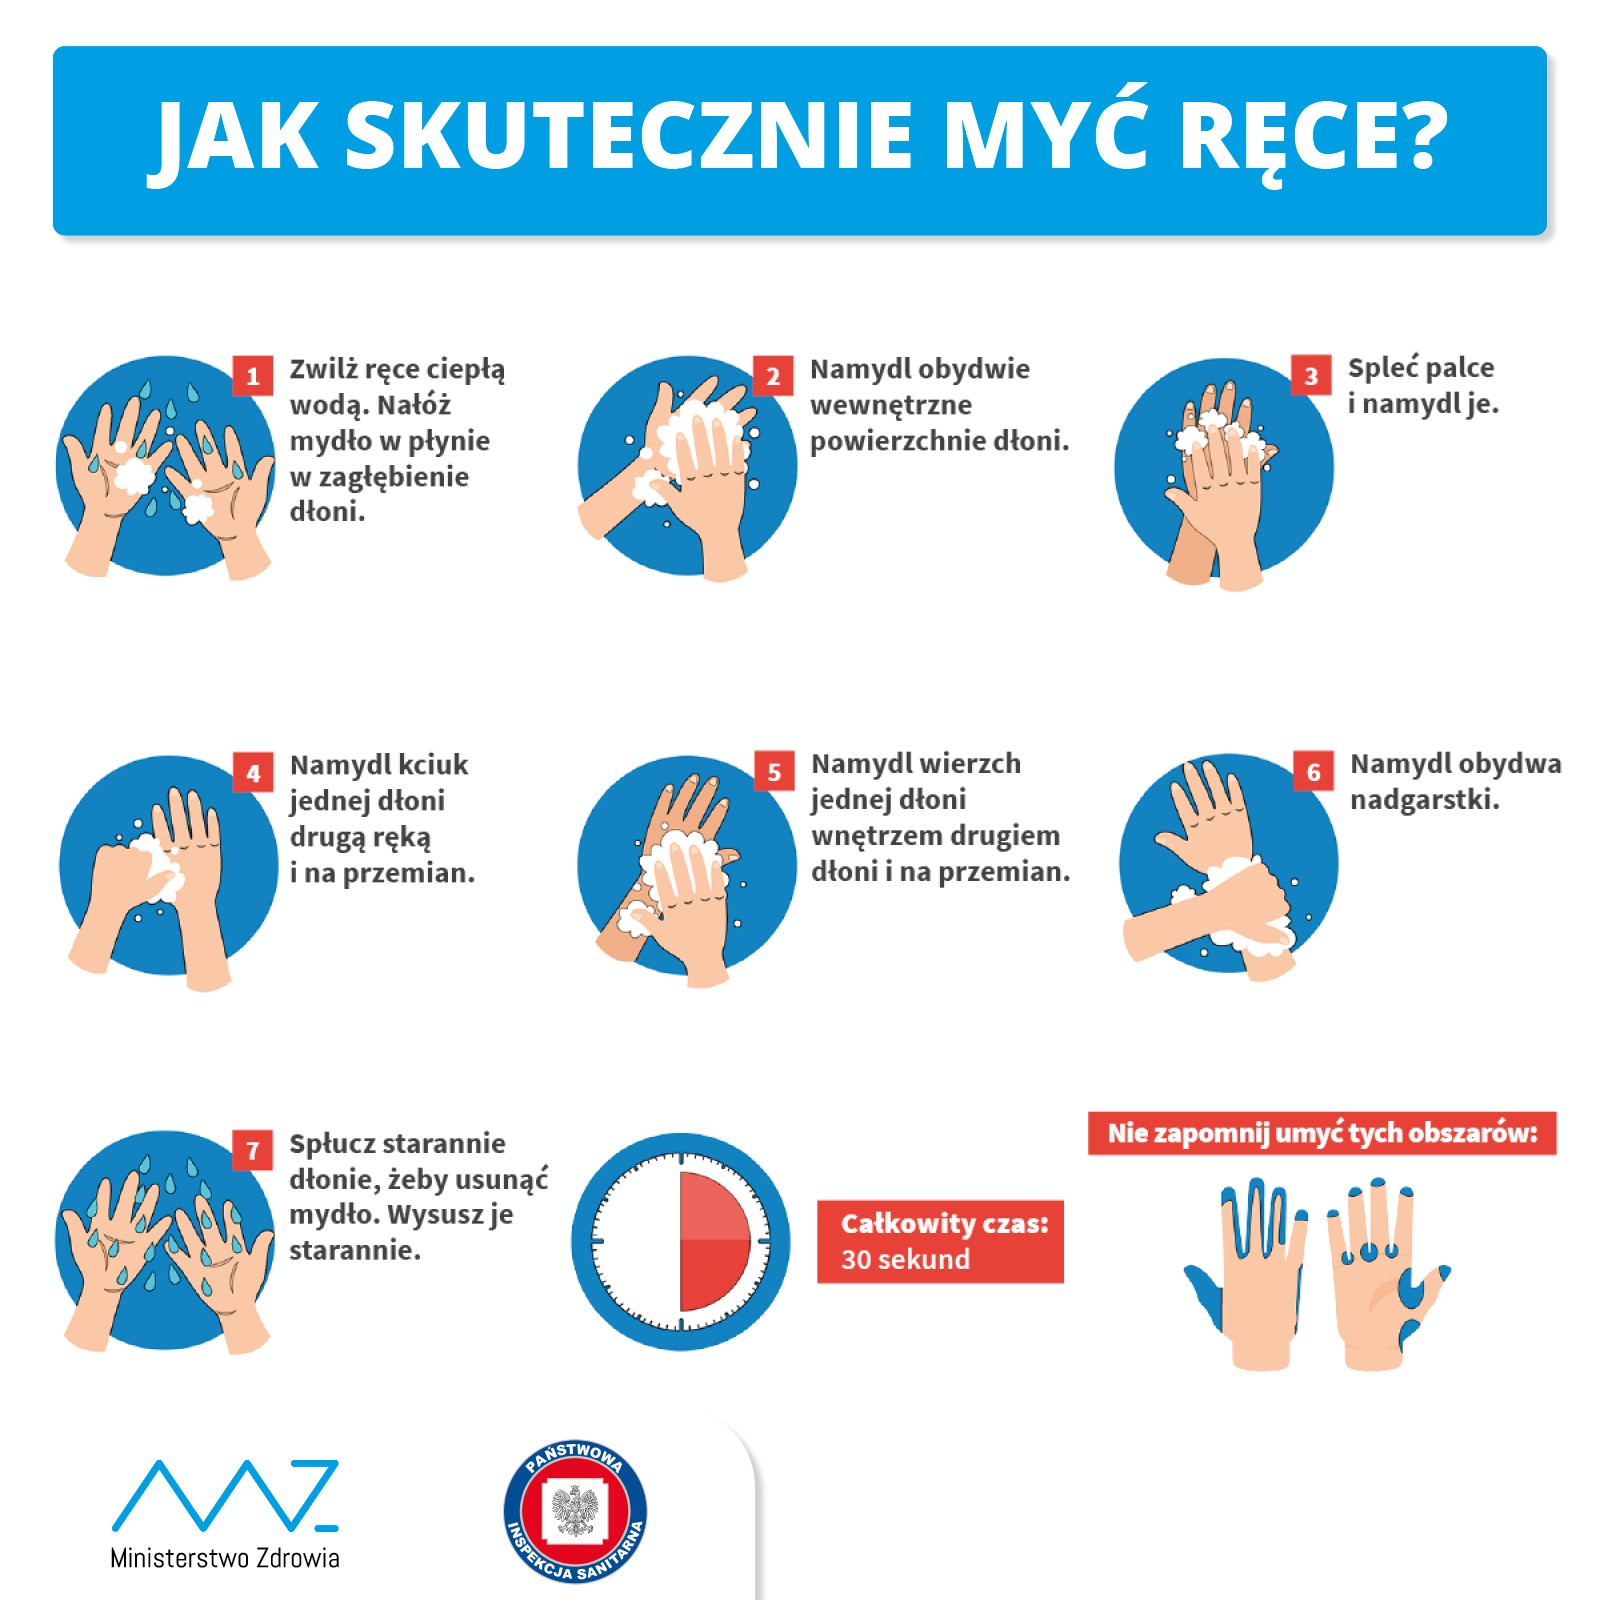 fot. materiały Ministerstwa Zdrowia